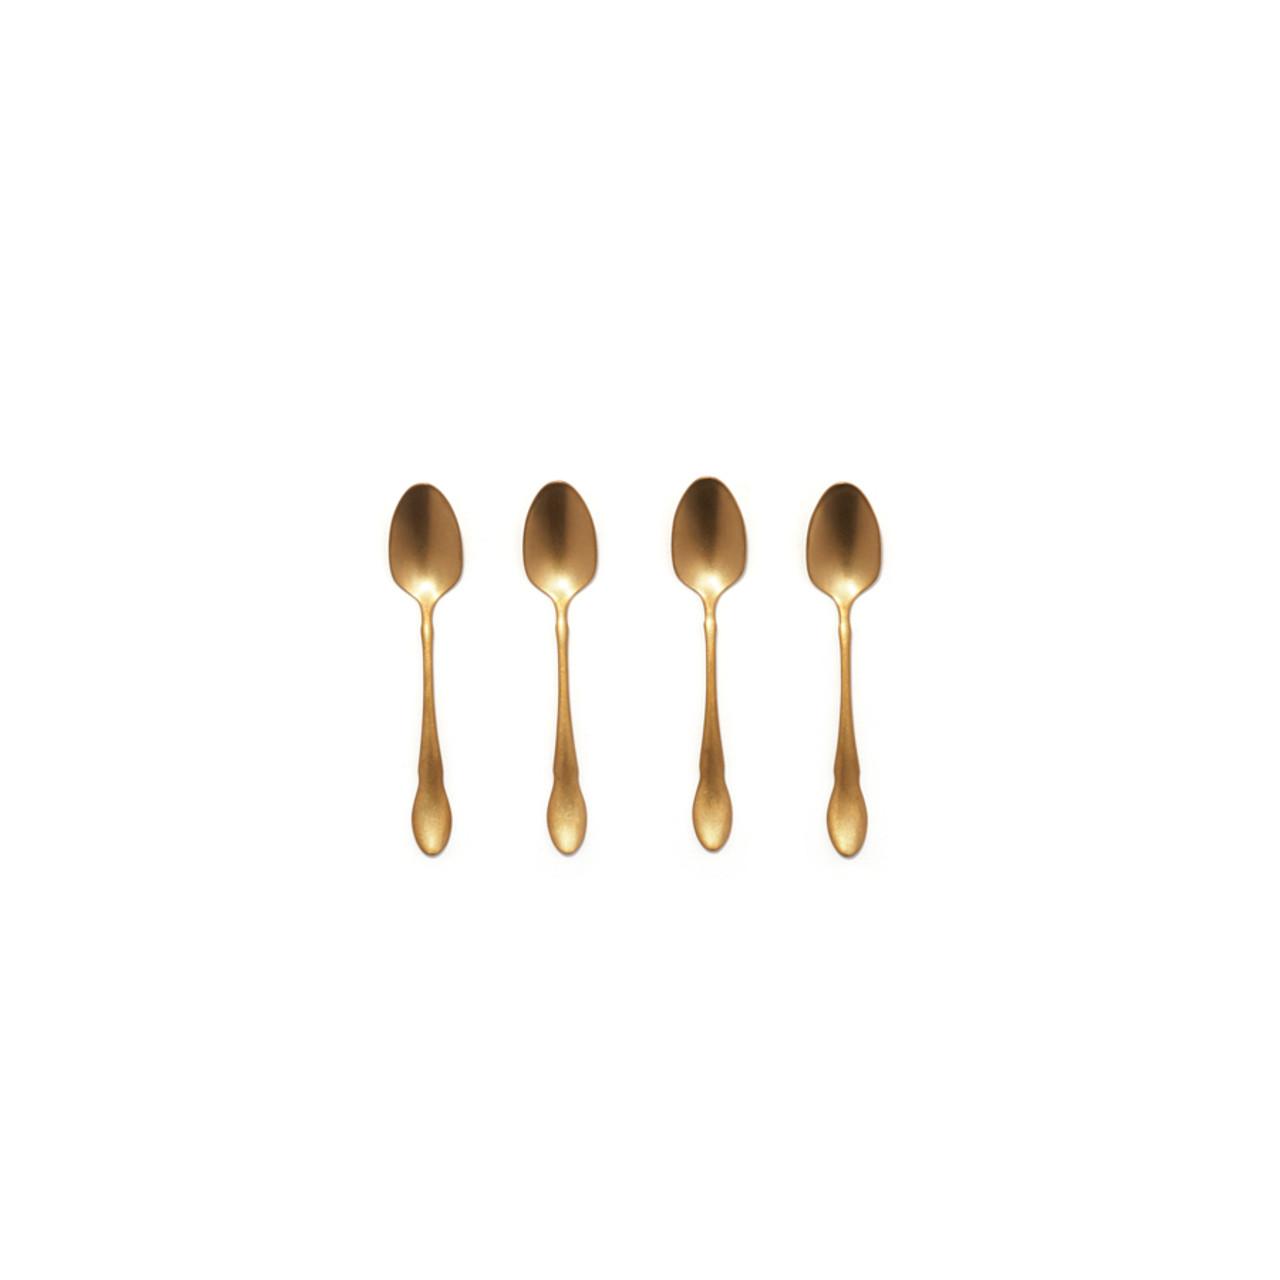 Birch - 4 piece minispoon set